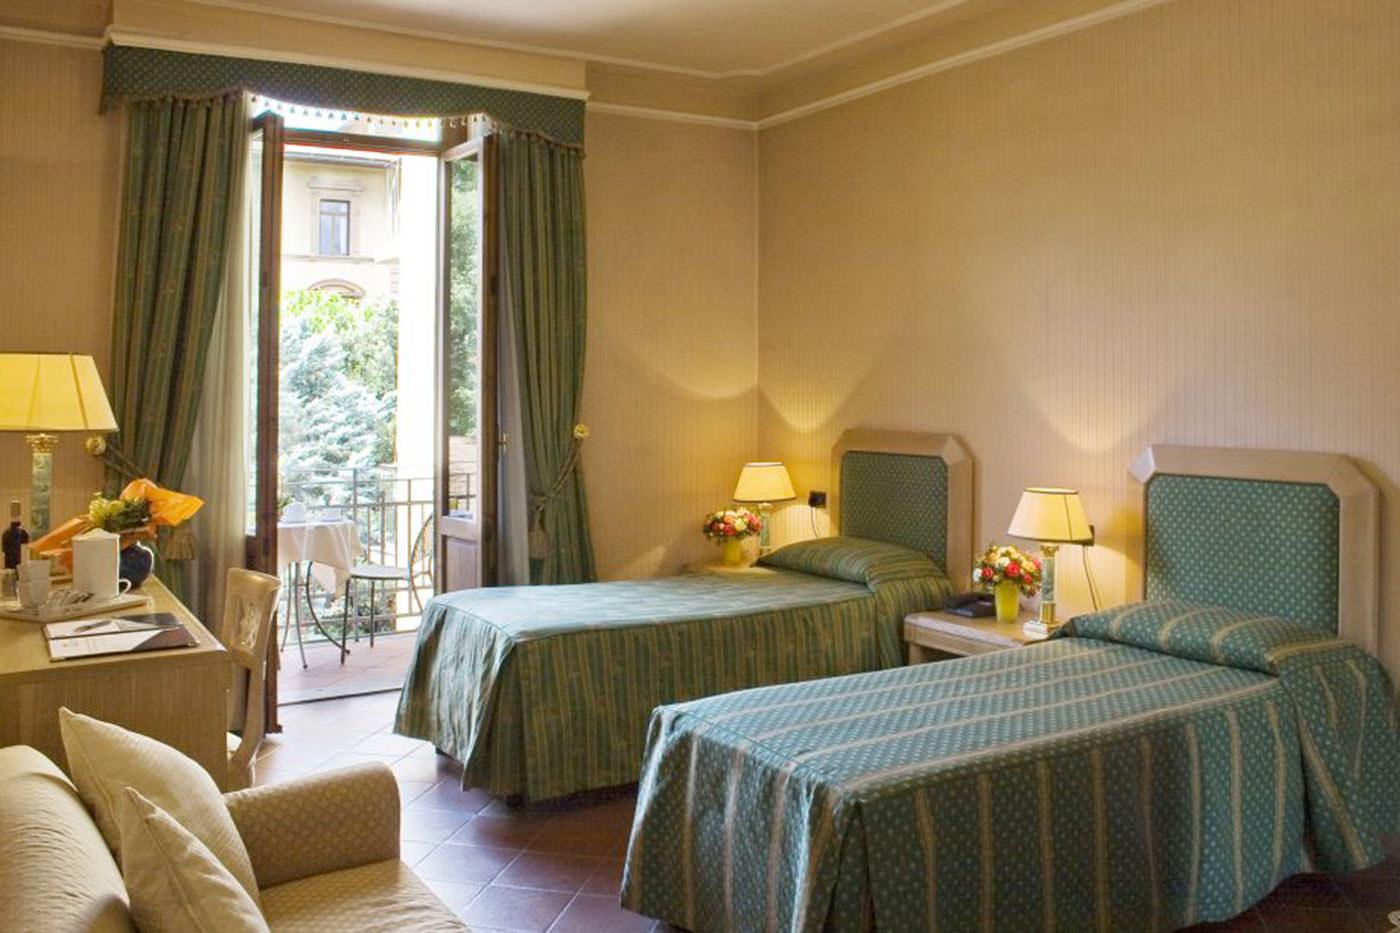 Camera Matrimoniale o Doppia con Letti Separati - Hotel Panama